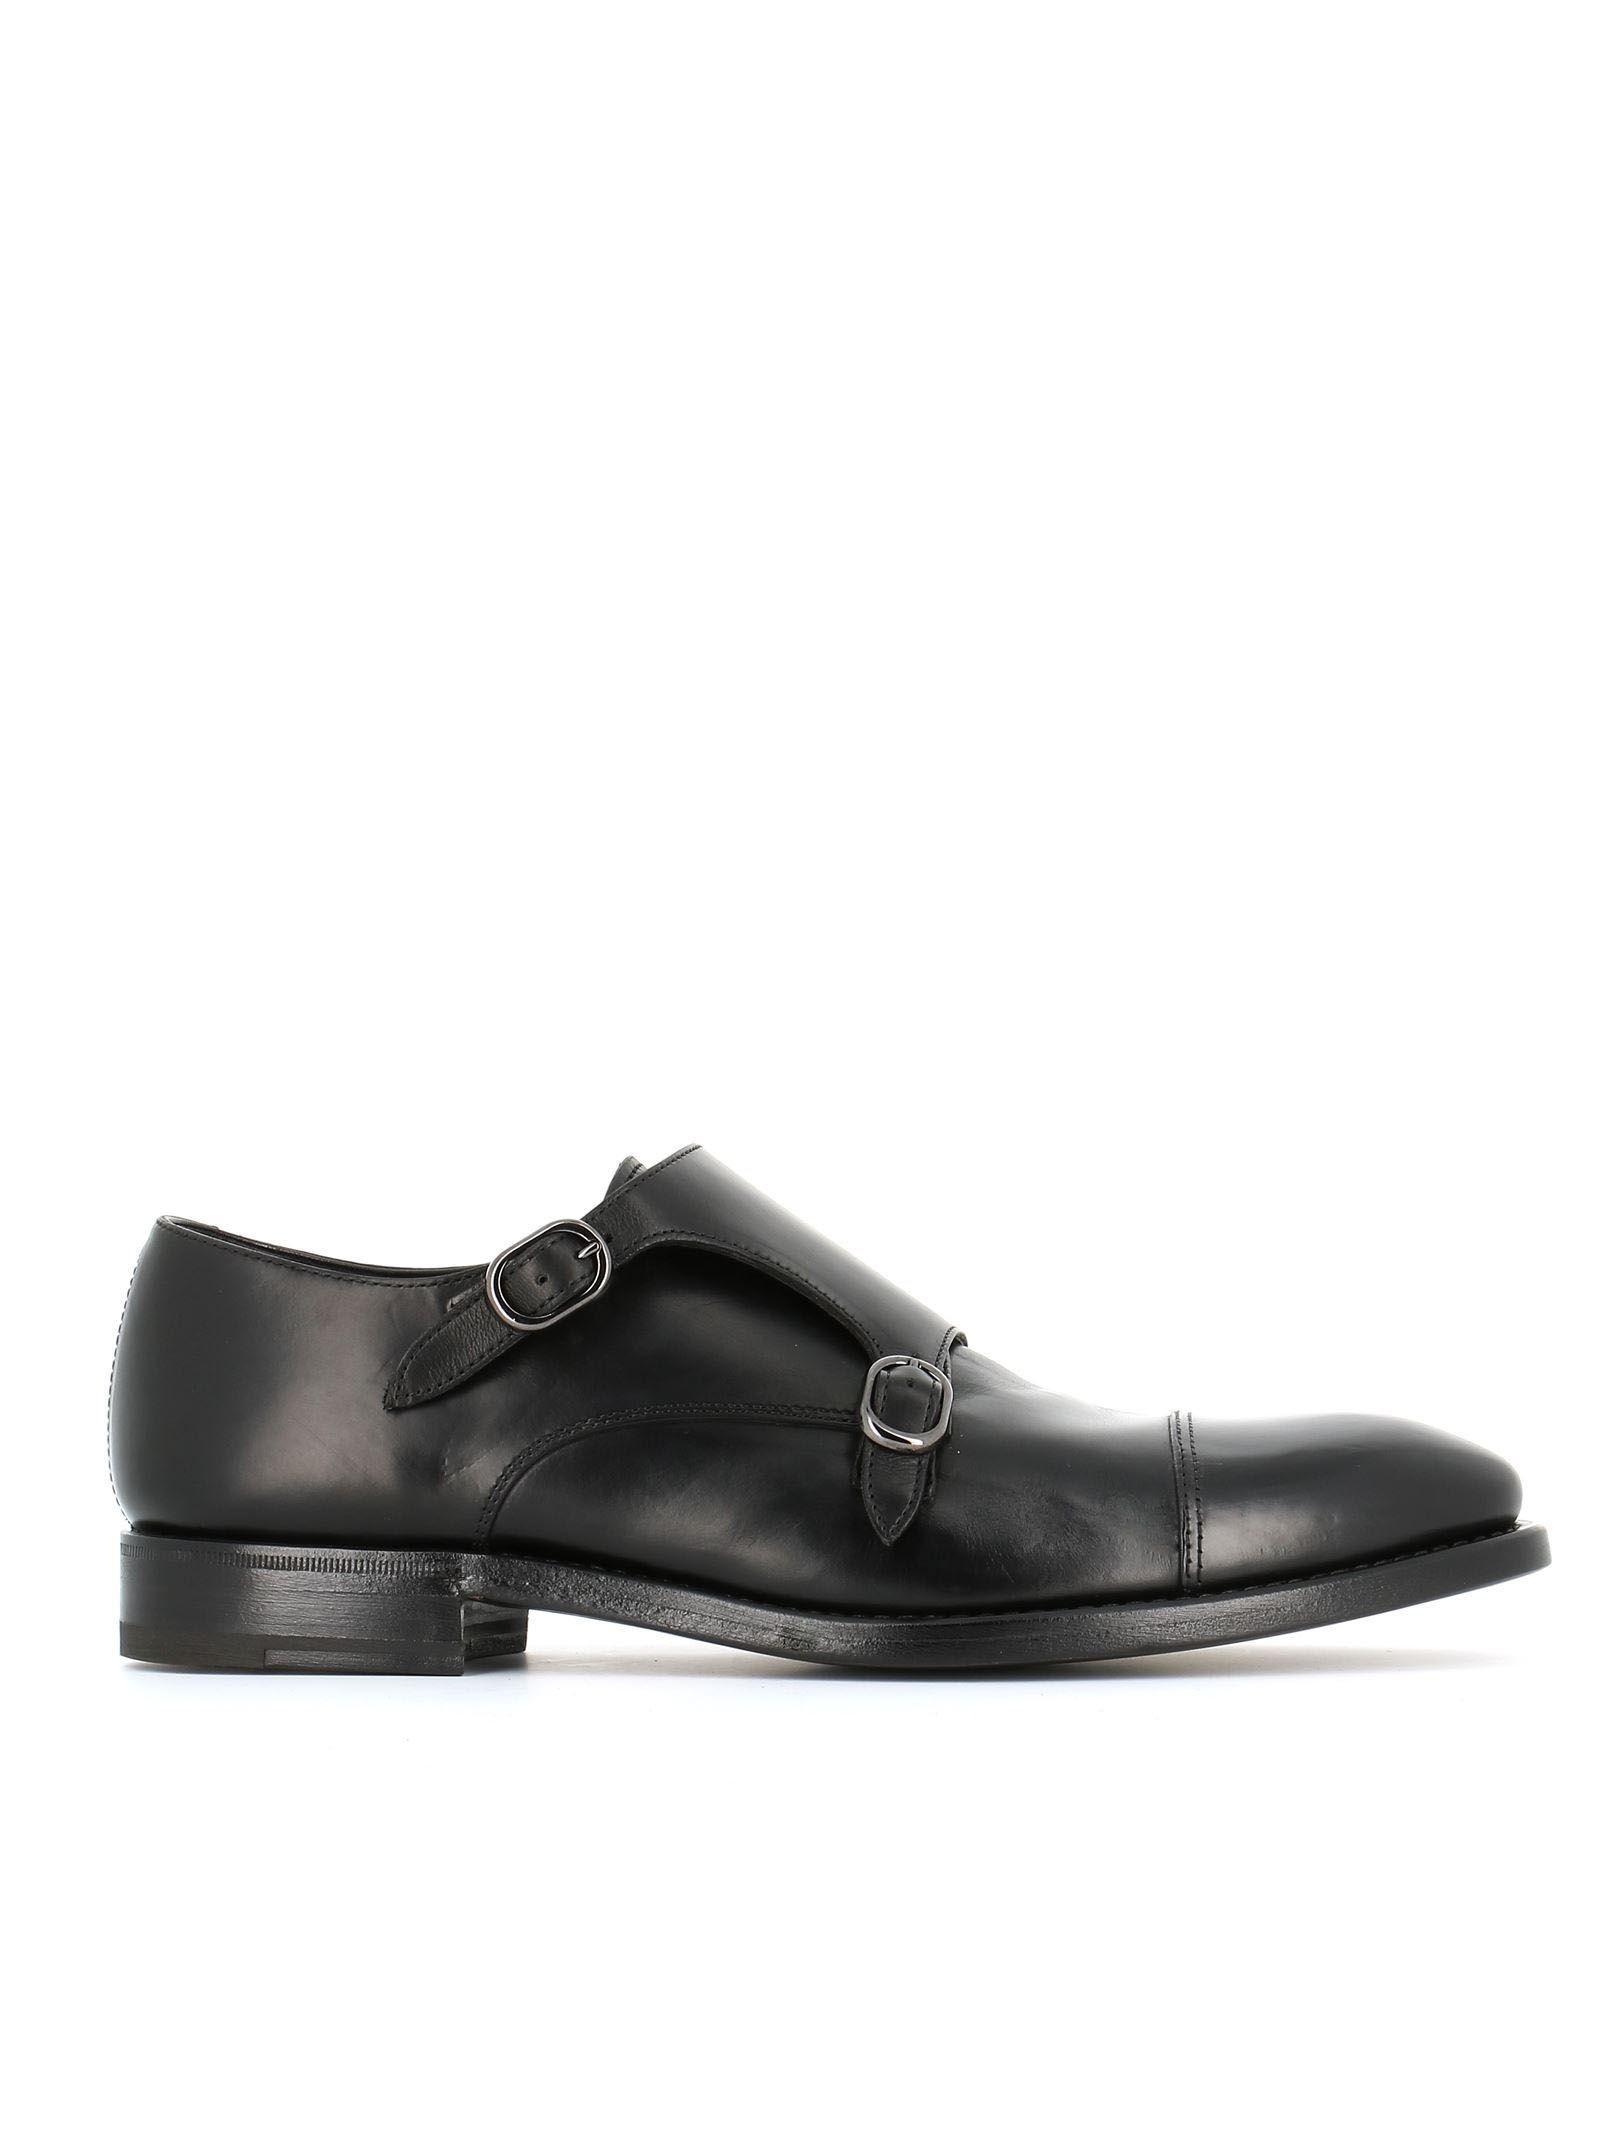 Henderson Monk 52201 In Black